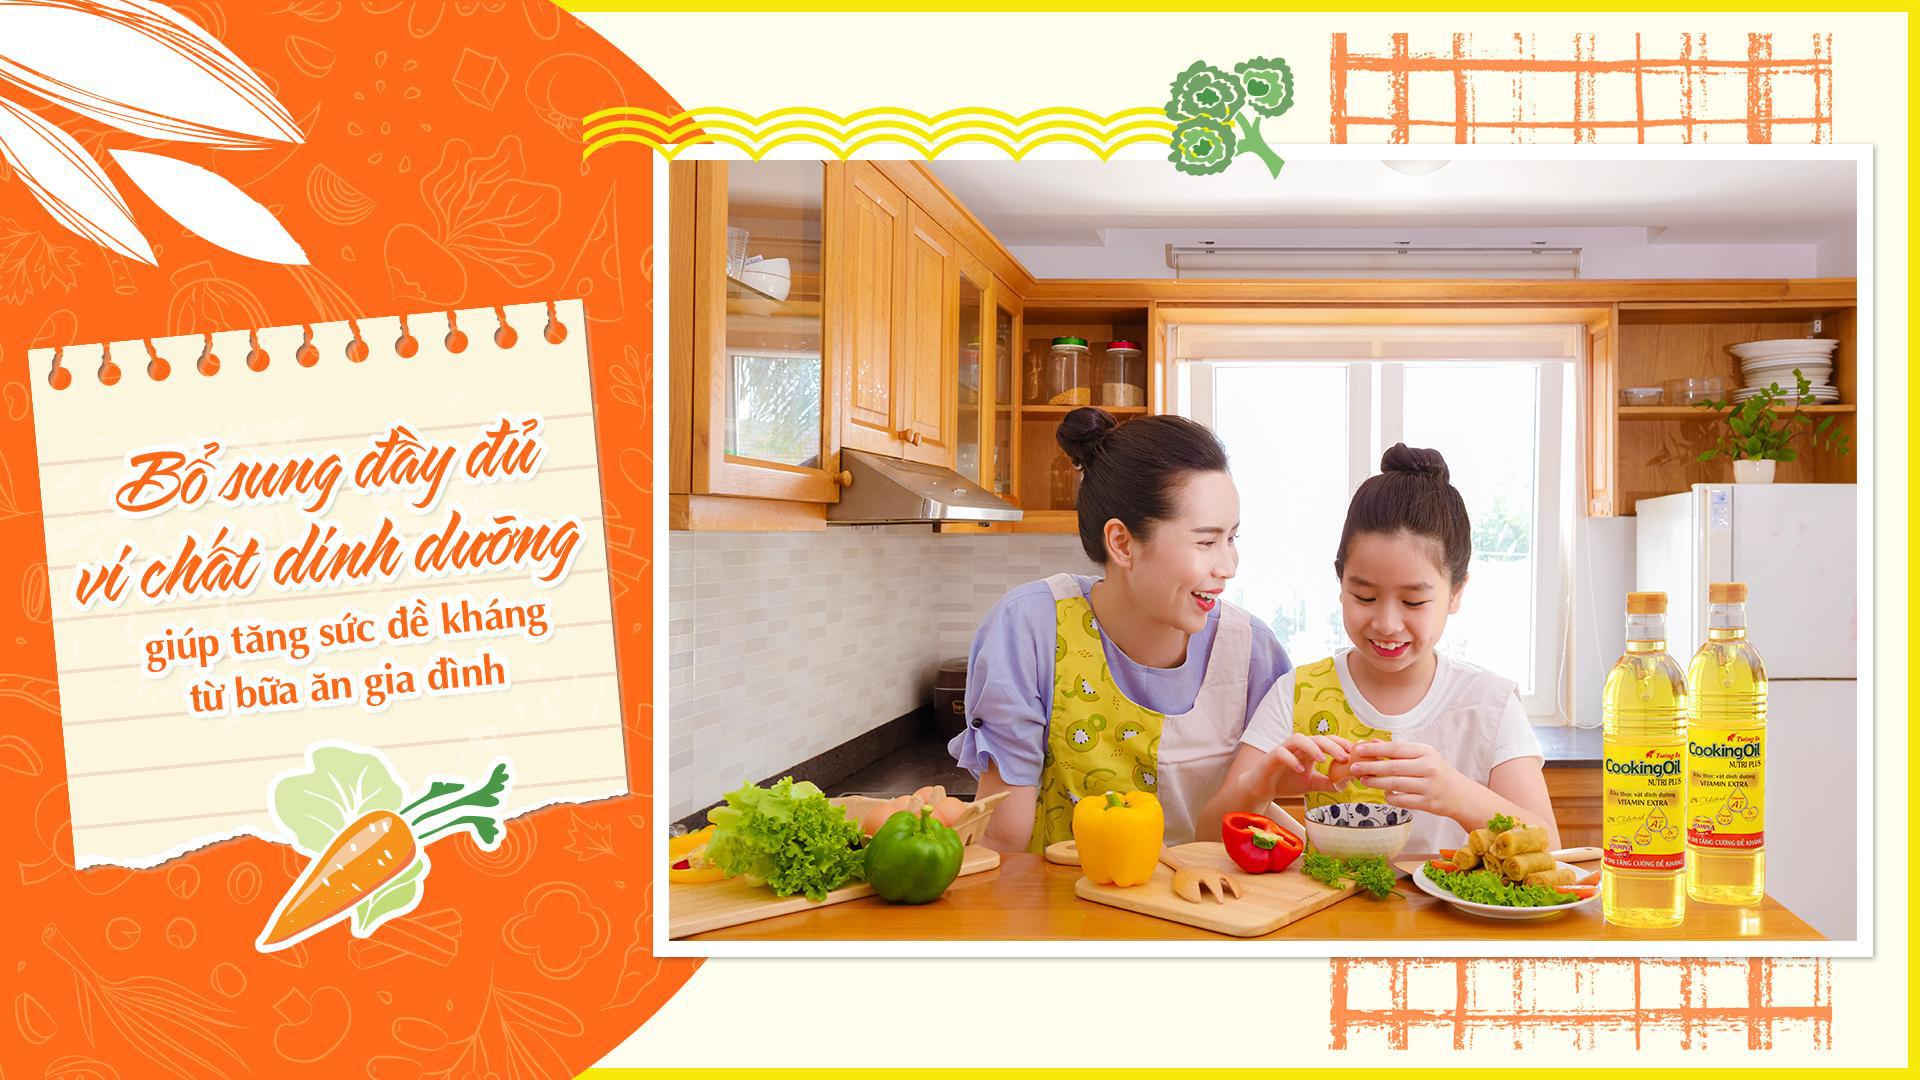 Theo chân Lưu Hương Giang khám phá góc đề kháng home-made để tăng cường sức khỏe cho cả gia đình - Ảnh 3.